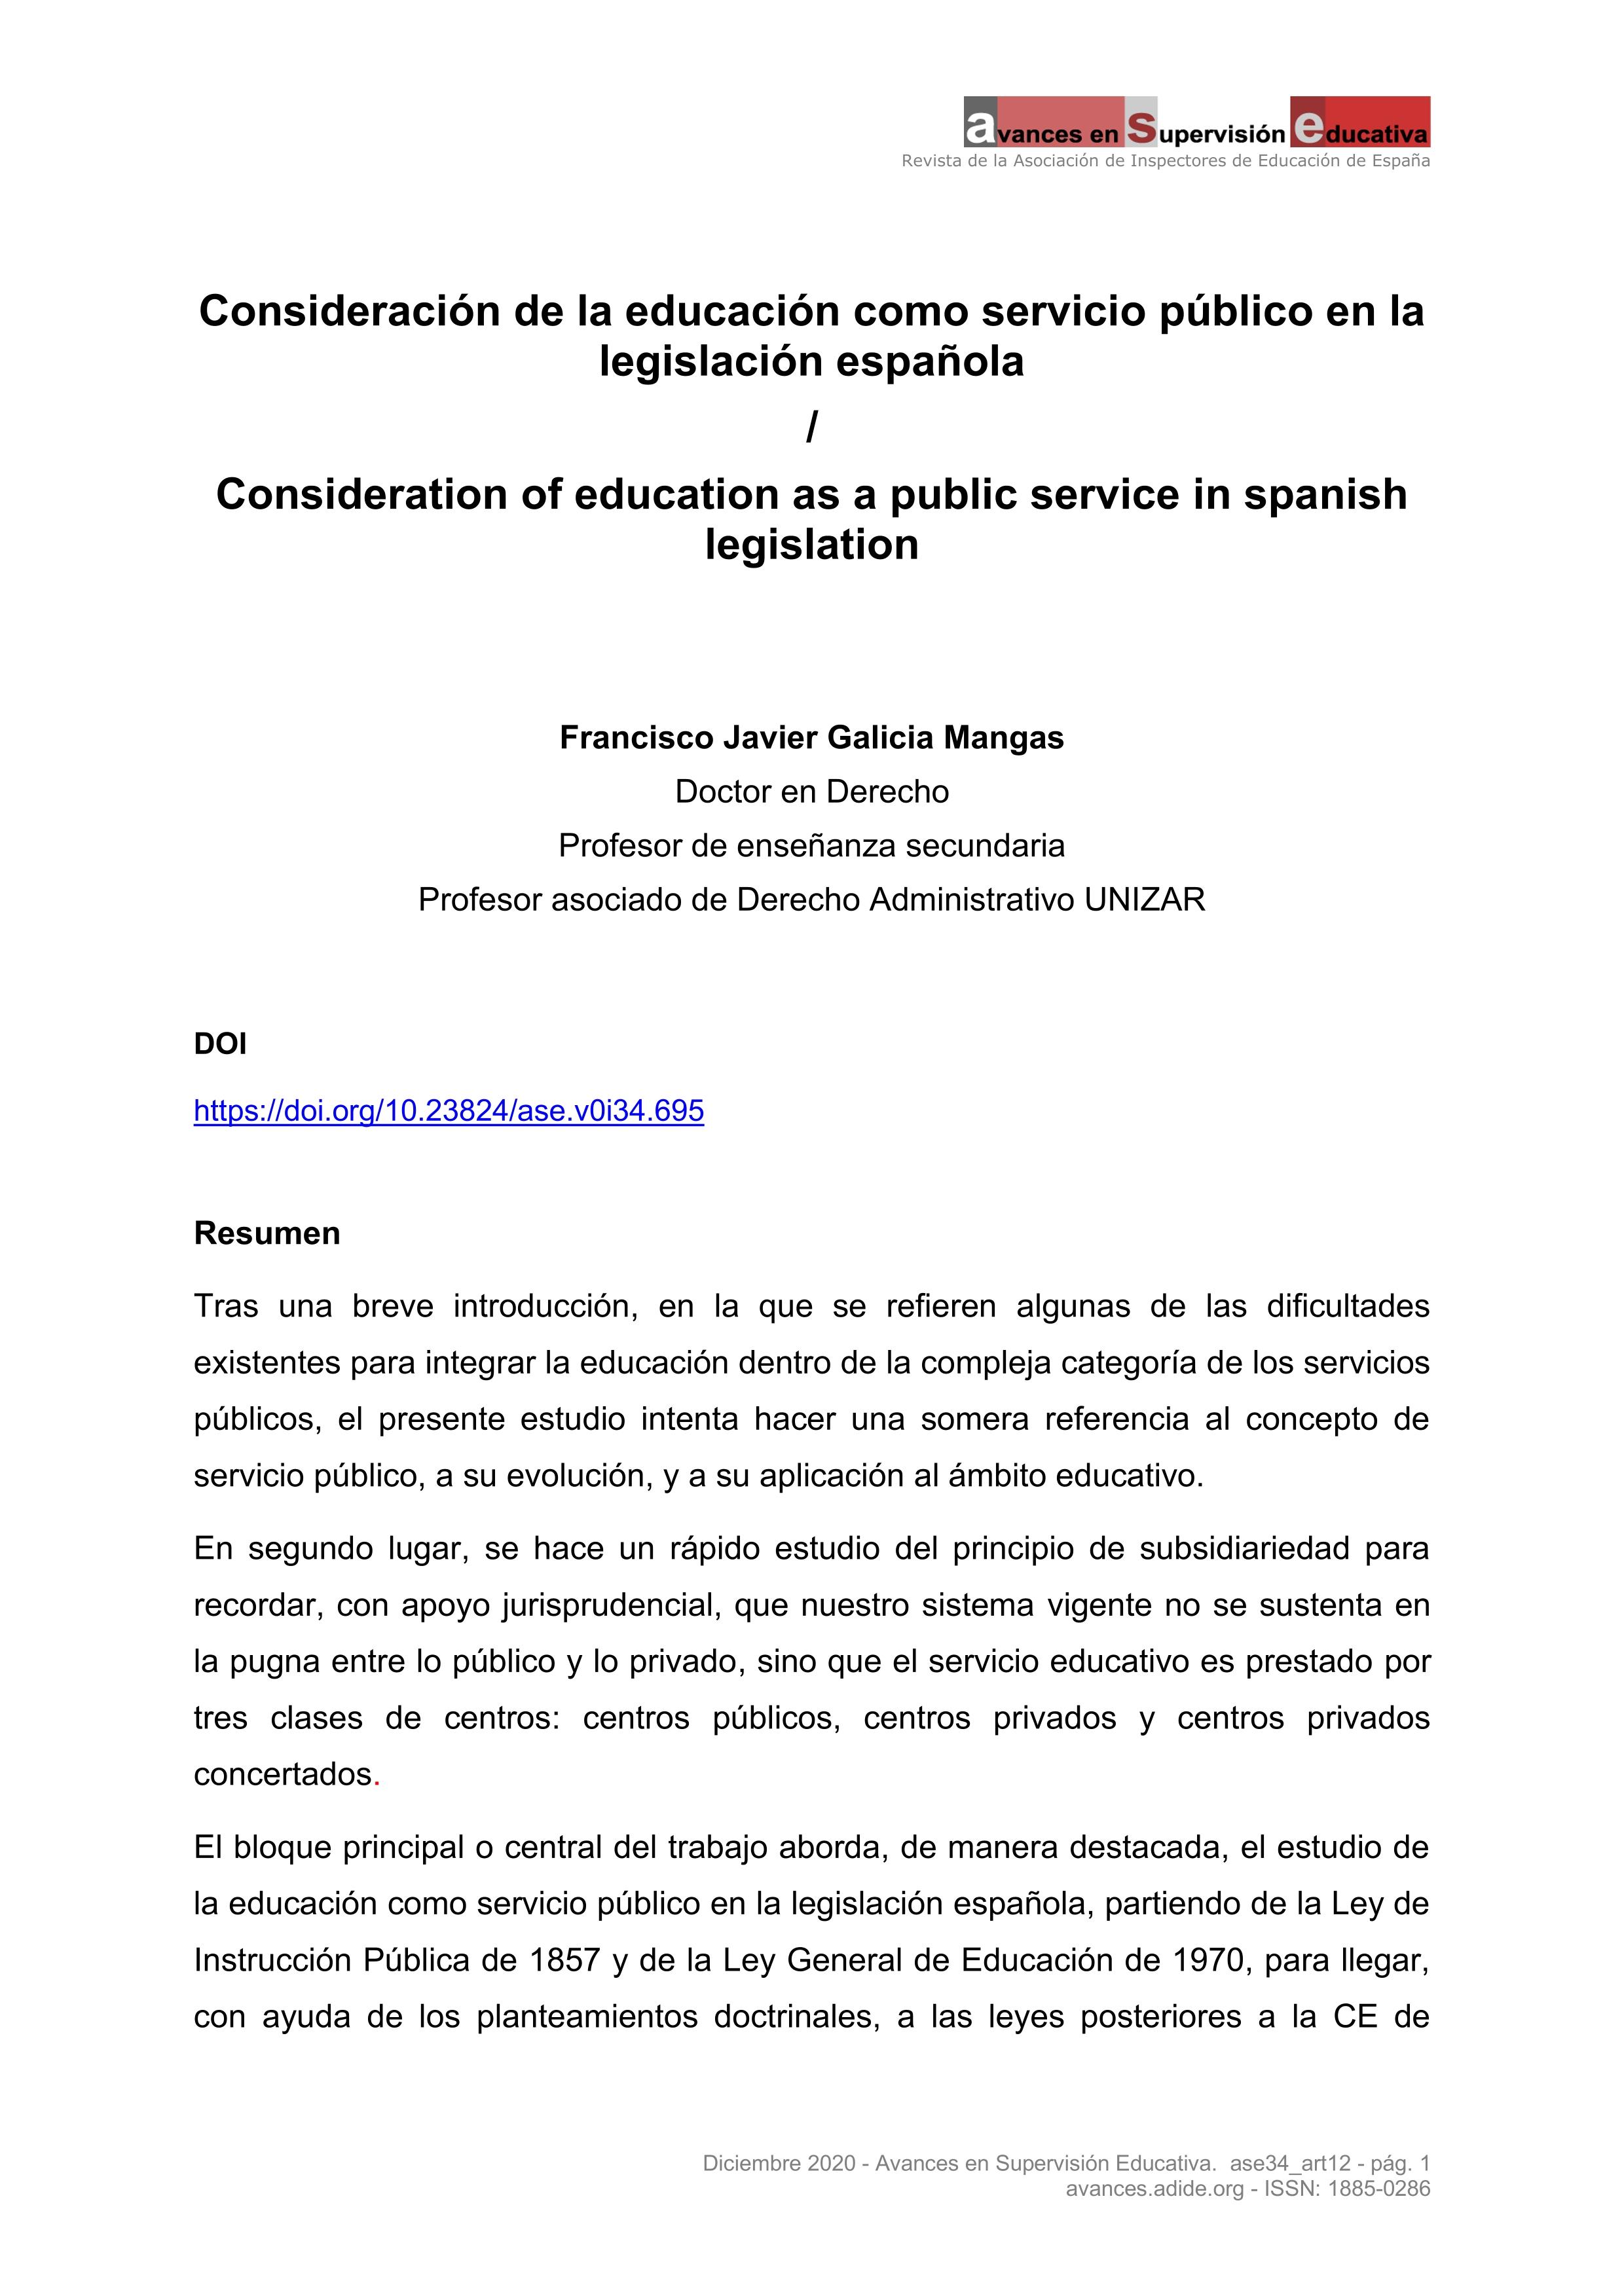 Consideración de la educación como servicio público en la legislación española